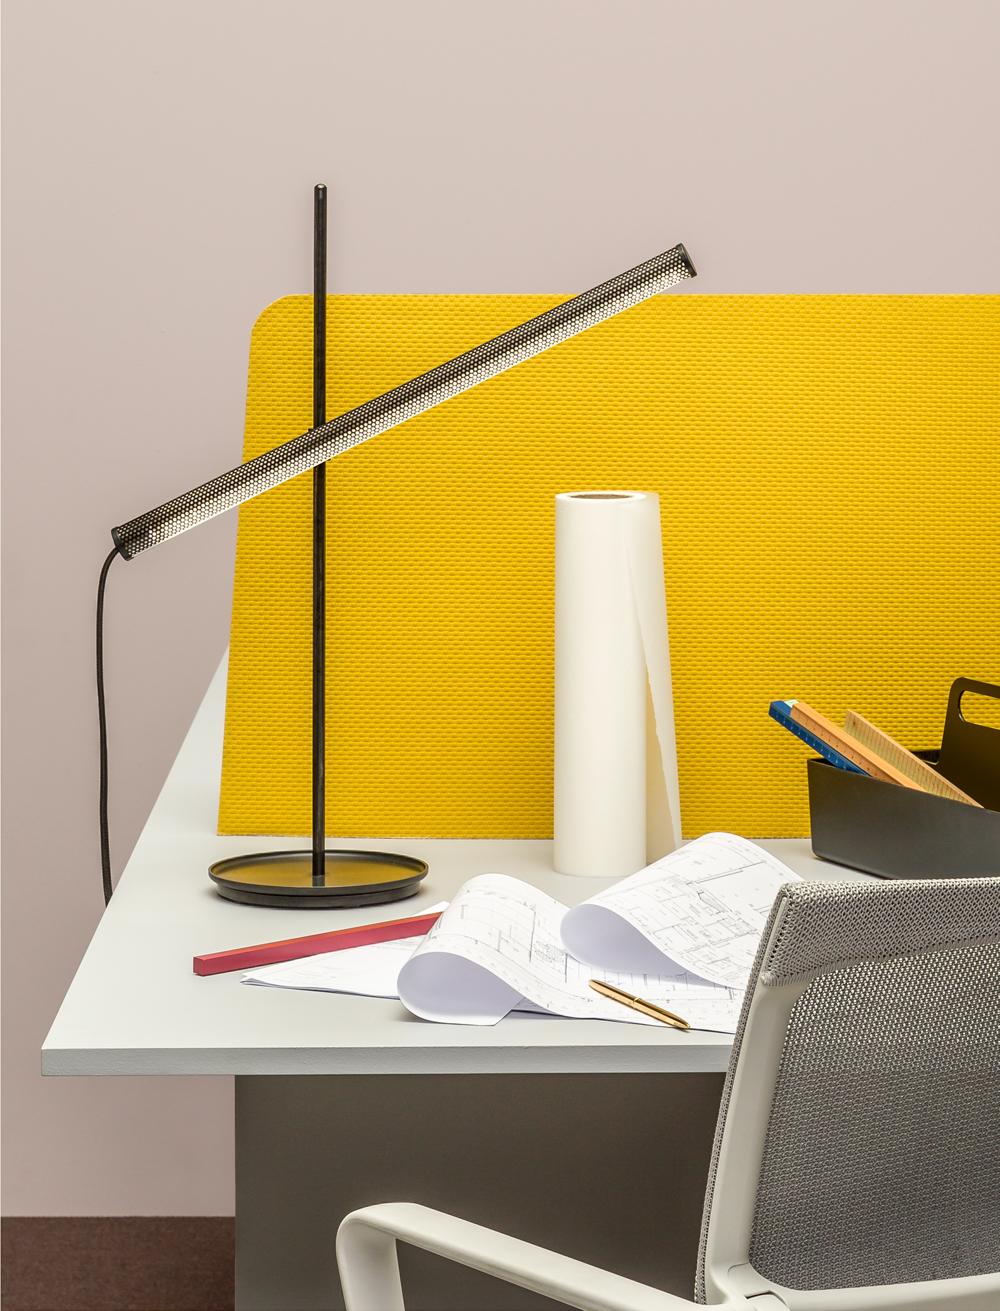 Crane by Benjamin Hubbert